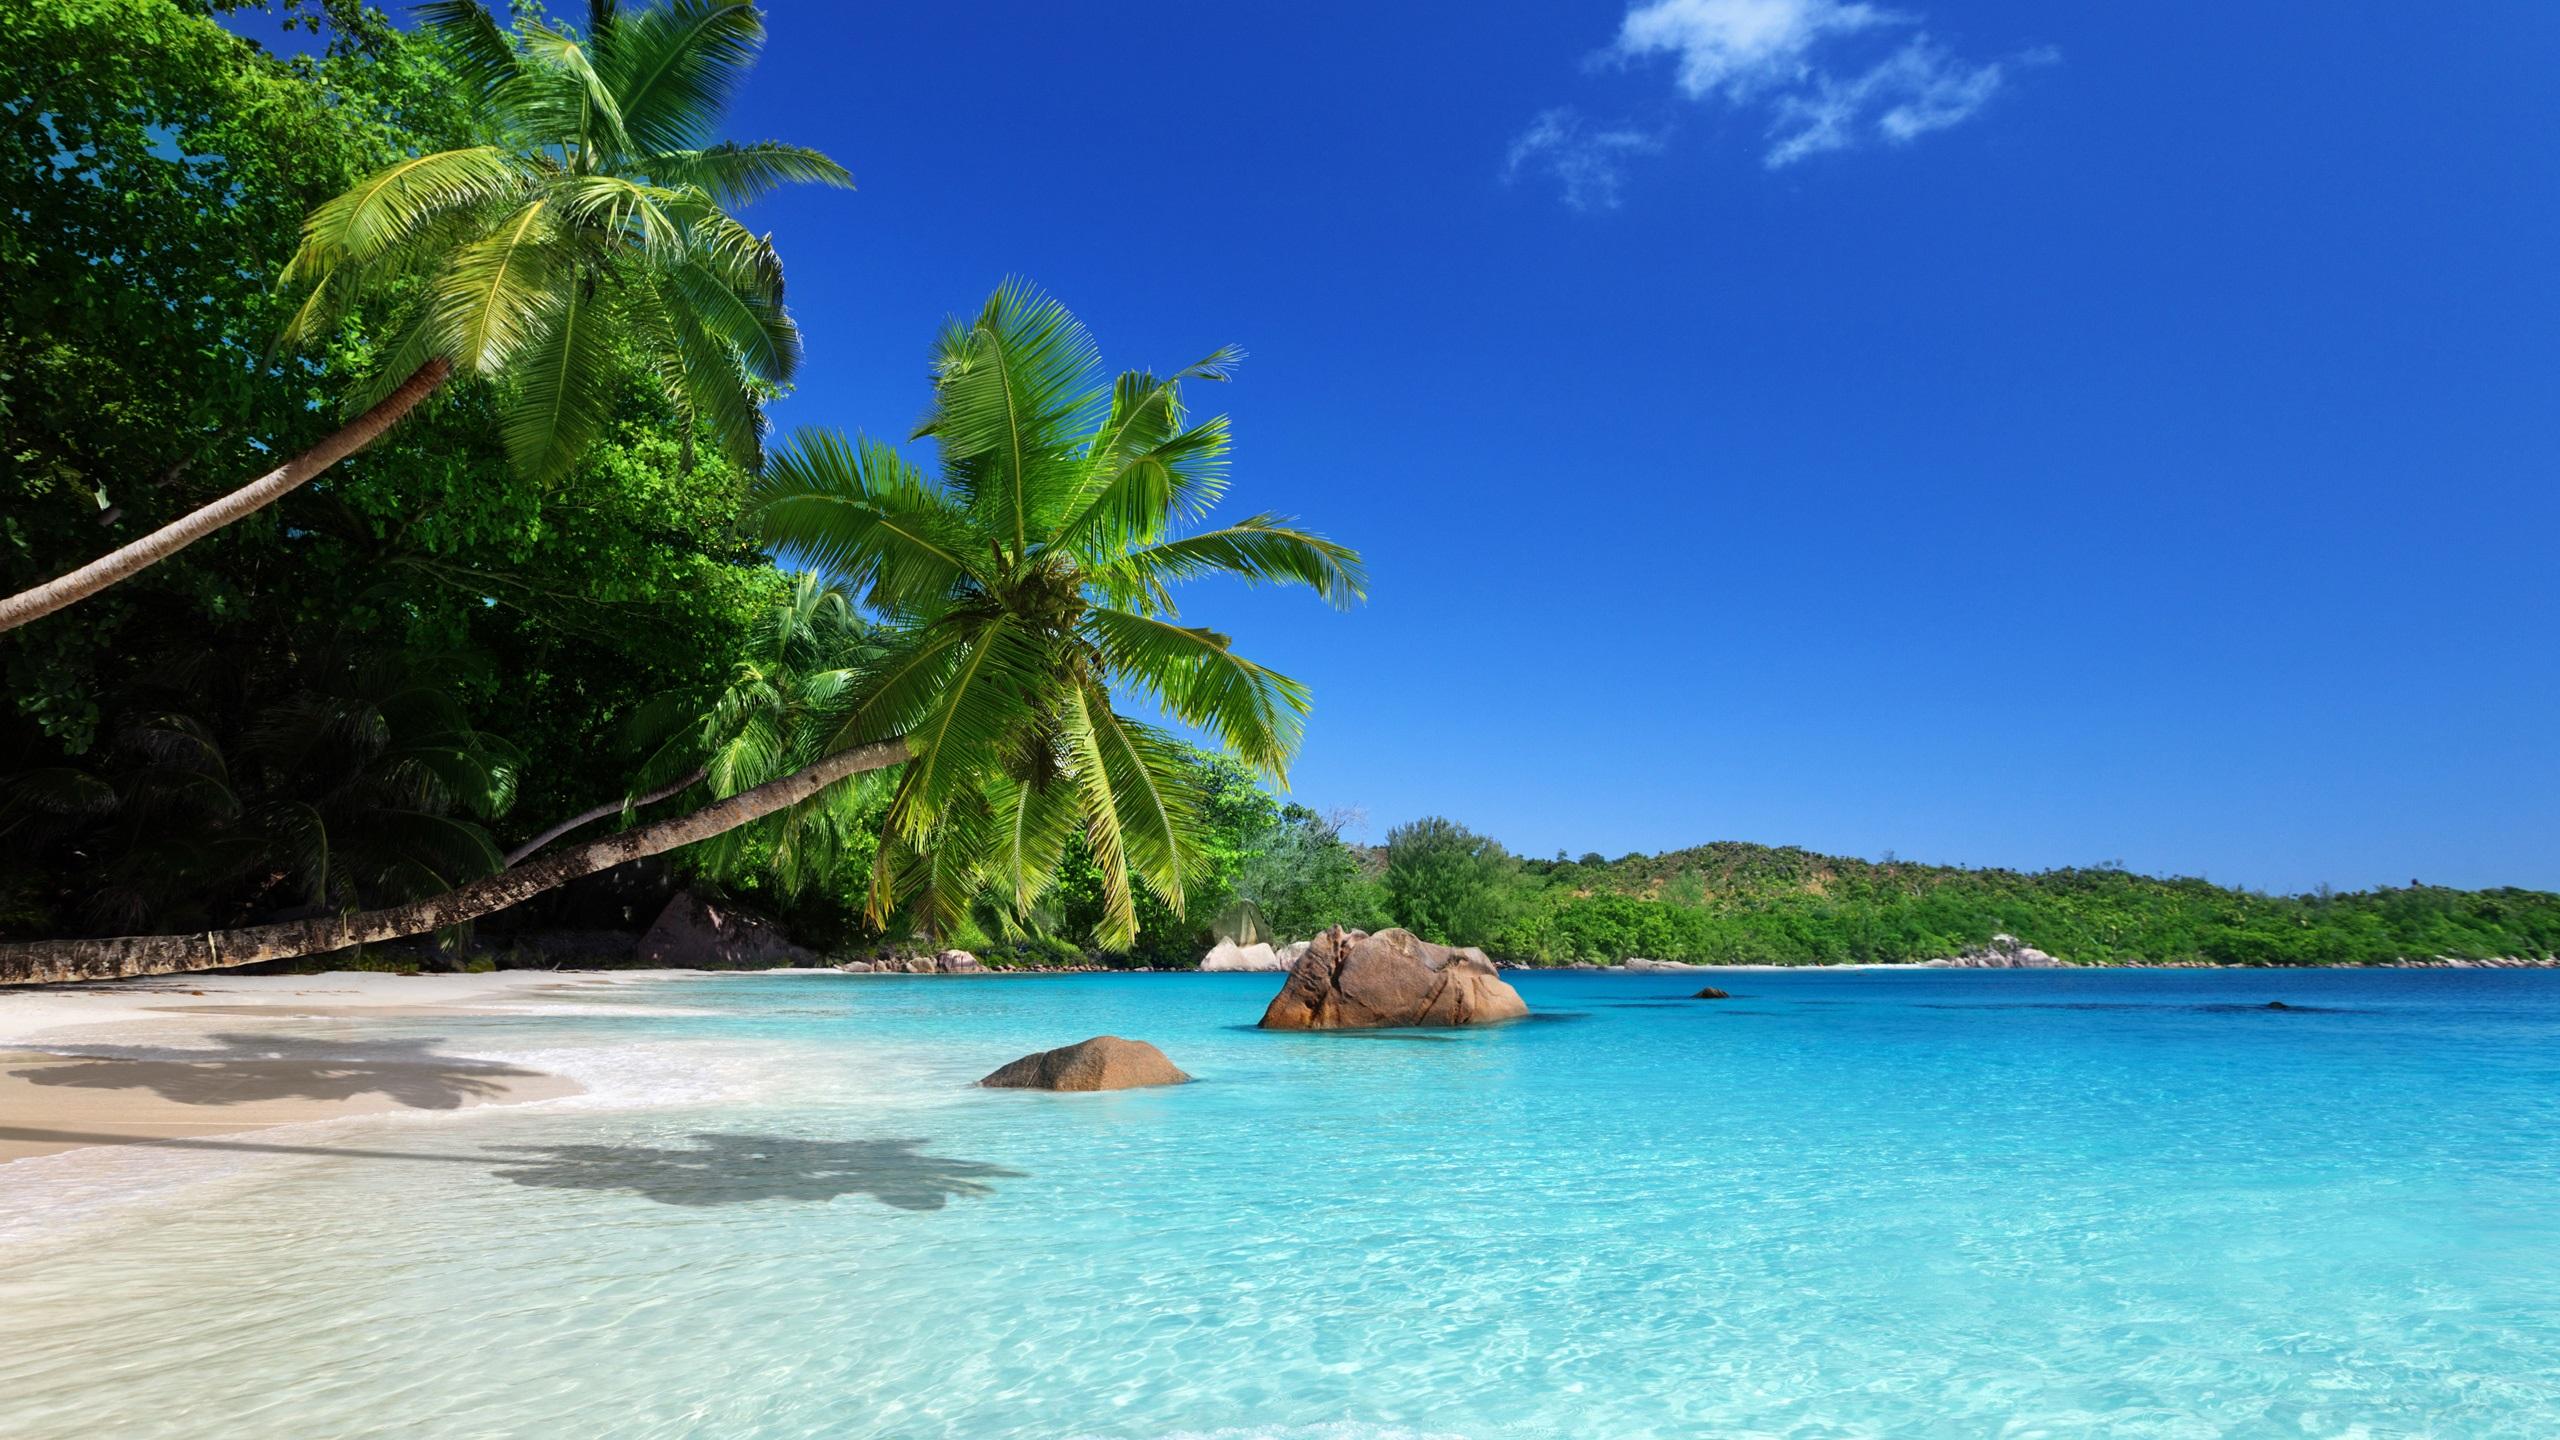 download hintergrundbilder 2560x1440 qhd tropisches paradies sonne strand k ste meer palmen. Black Bedroom Furniture Sets. Home Design Ideas